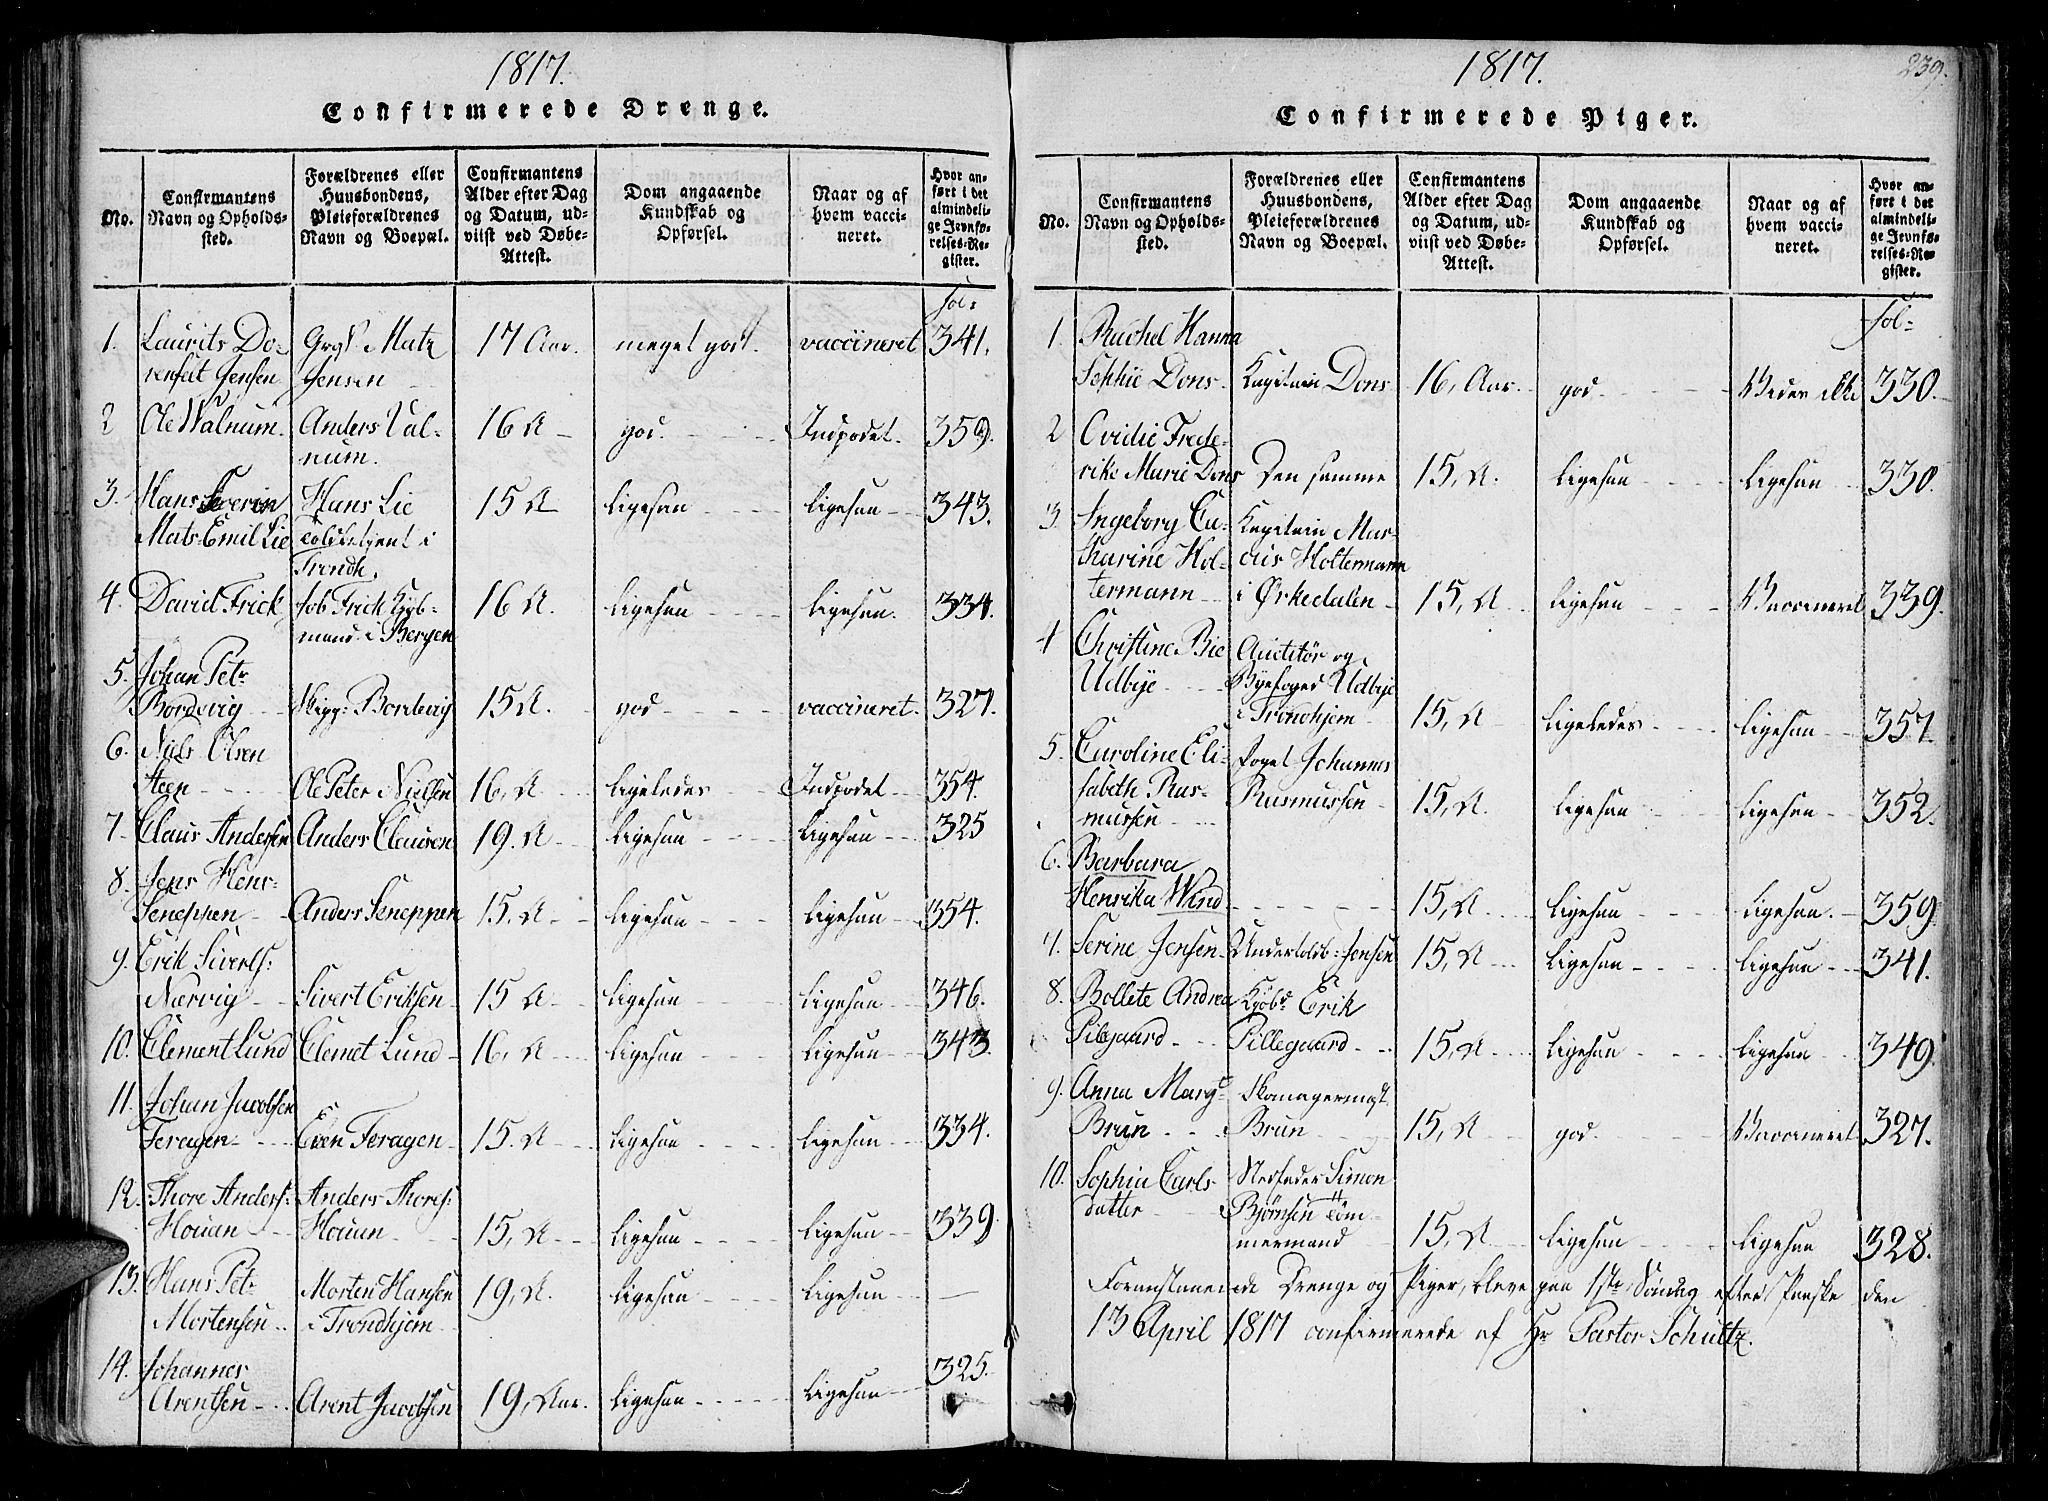 SAT, Ministerialprotokoller, klokkerbøker og fødselsregistre - Sør-Trøndelag, 602/L0107: Ministerialbok nr. 602A05, 1815-1821, s. 239